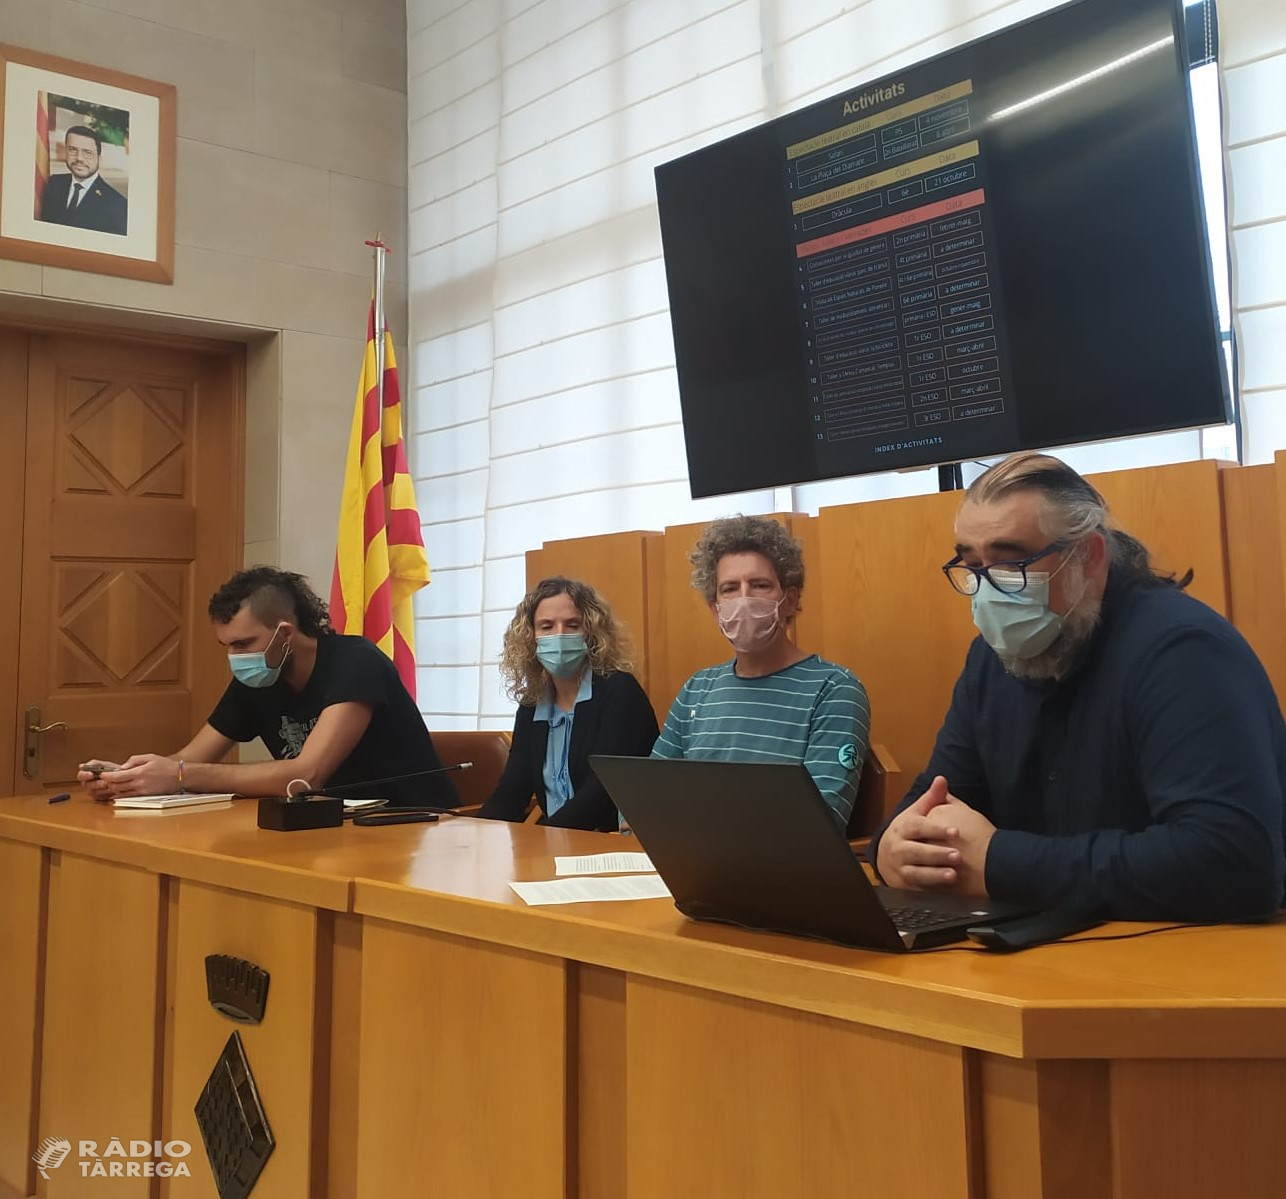 El Consell Comarcal de l' Urgell desplegarà aquest curs escolar 2021 2022  un total de 25 accions en el marc del XXI Programa Comarcal de Suport a l' Educació a l' Urgell